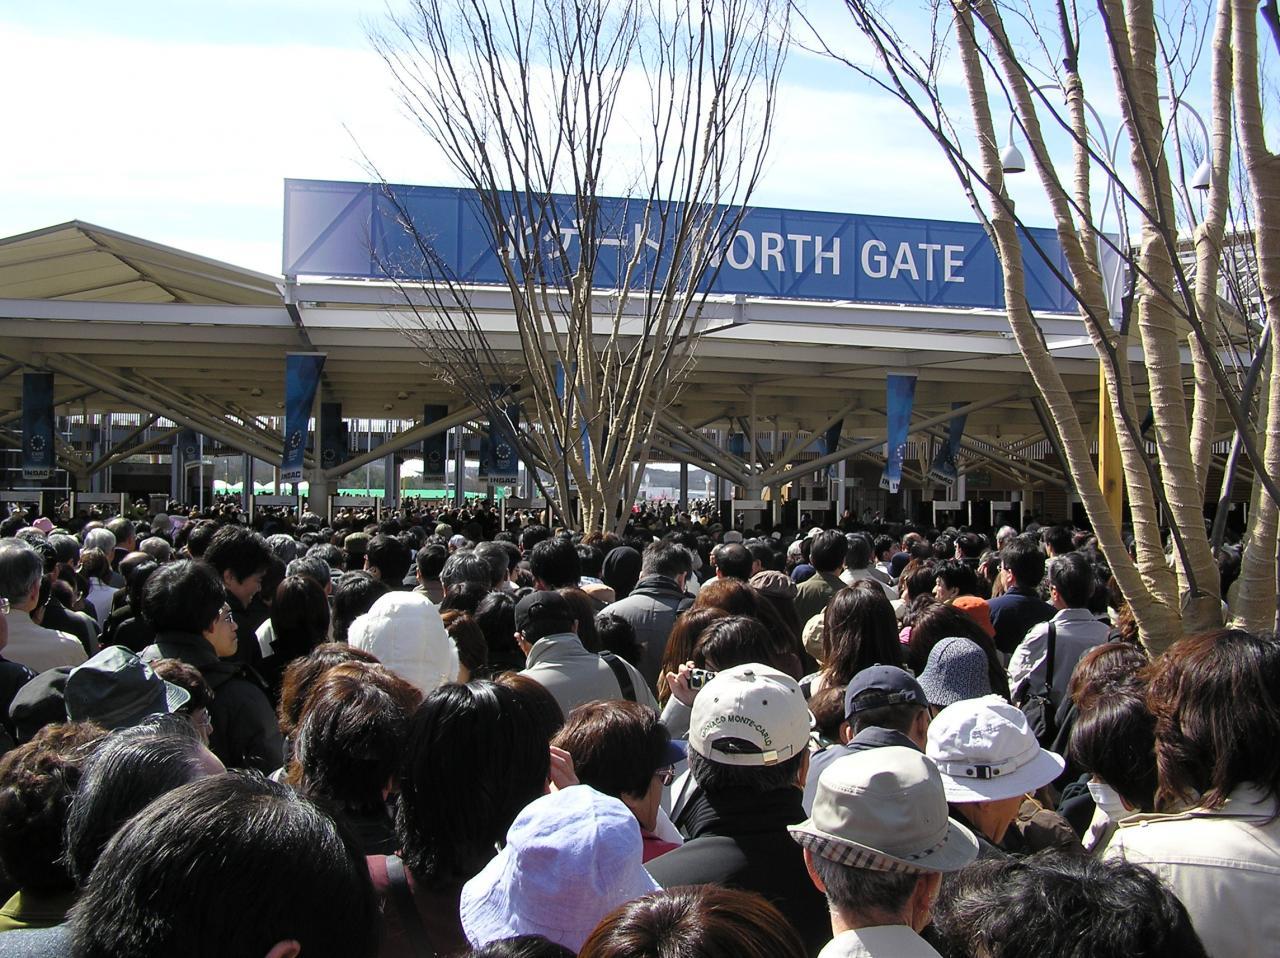 仕方ないので北ゲートに並ぶ